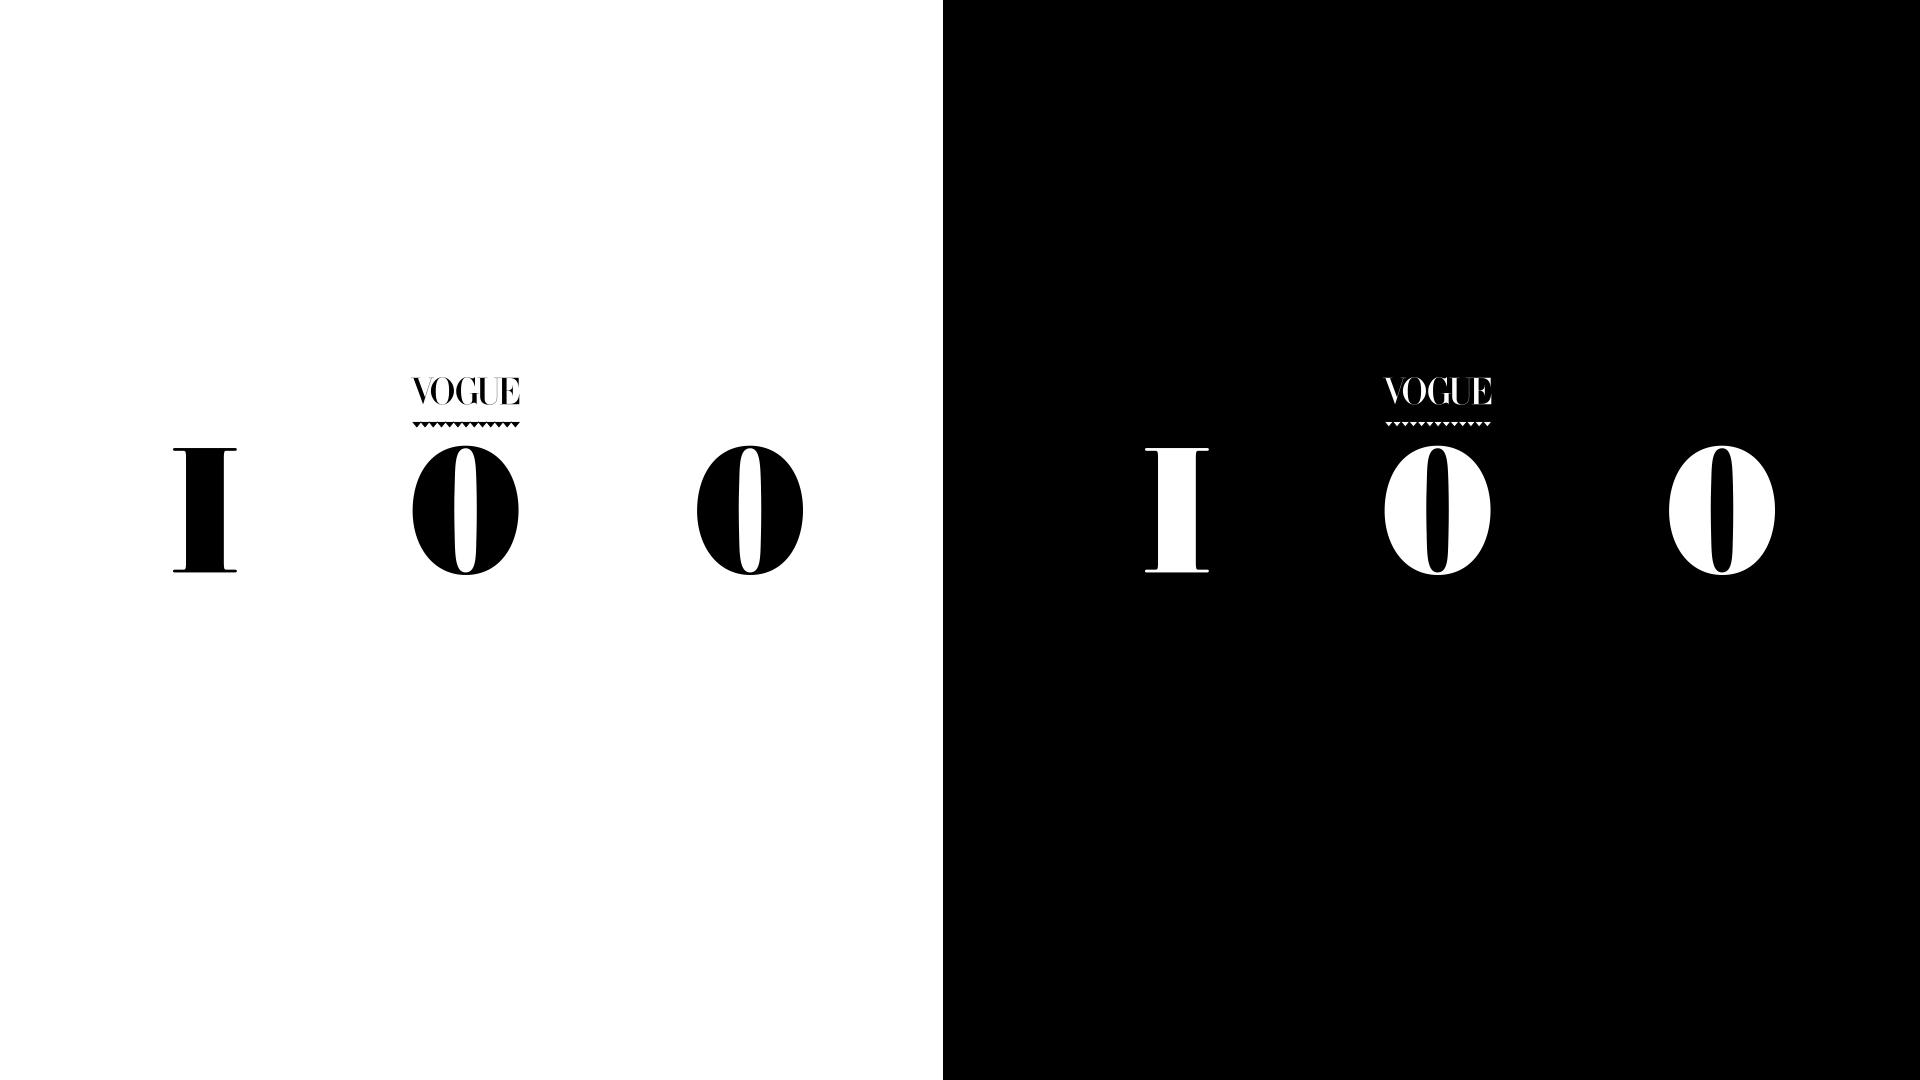 Master Cs Vogue Series Logos 004